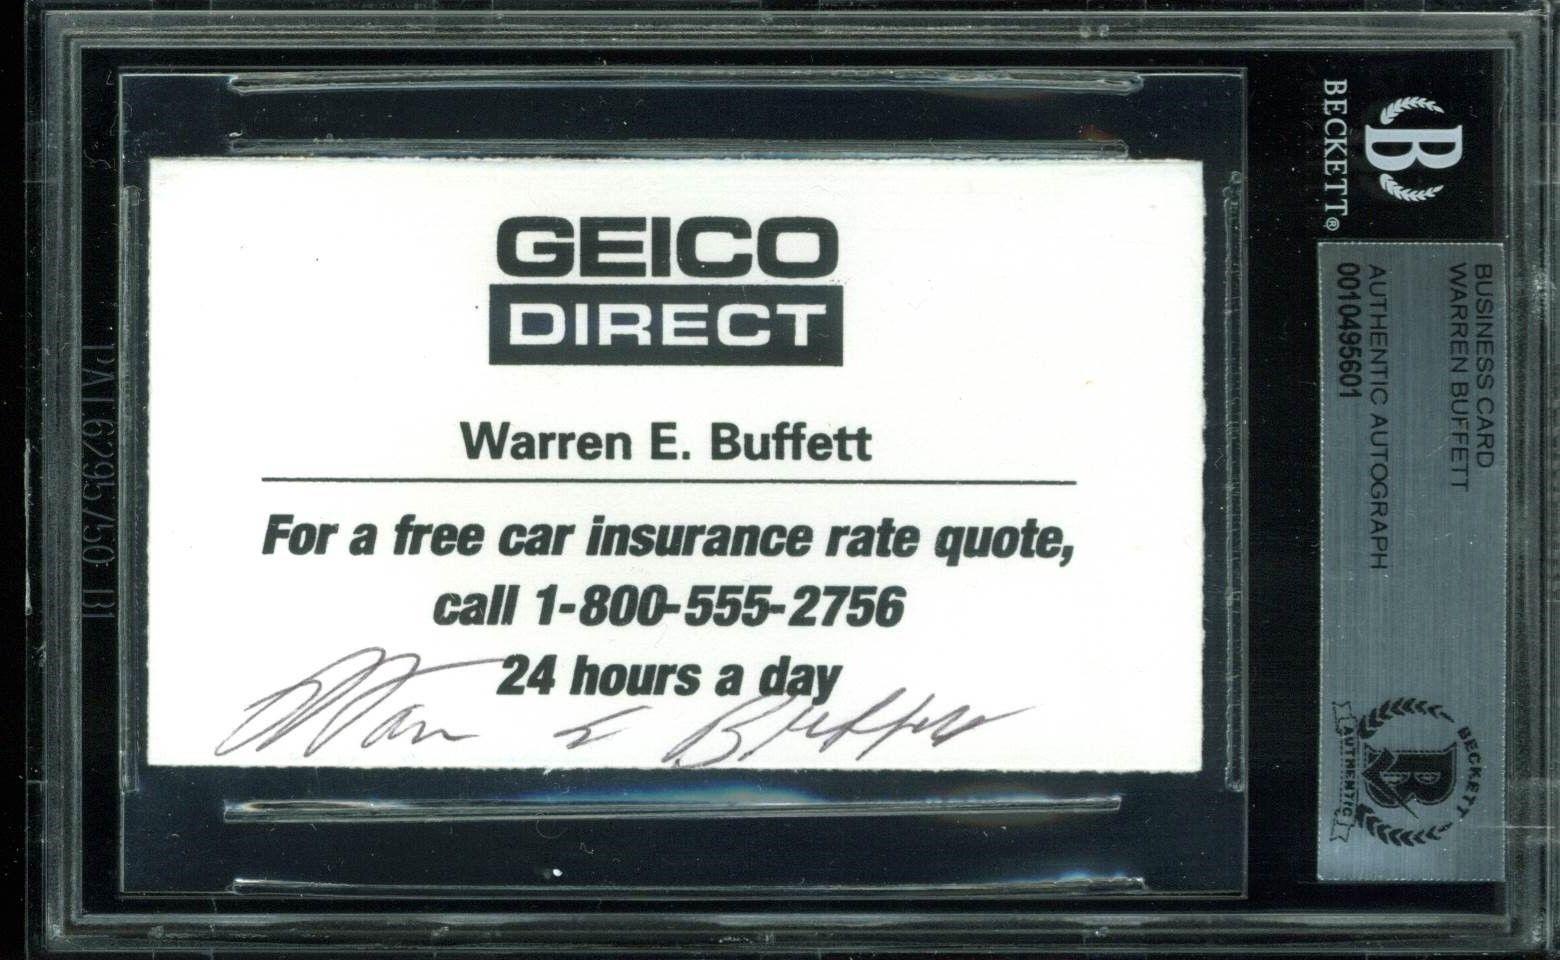 warren buffett business card | Poemview.co